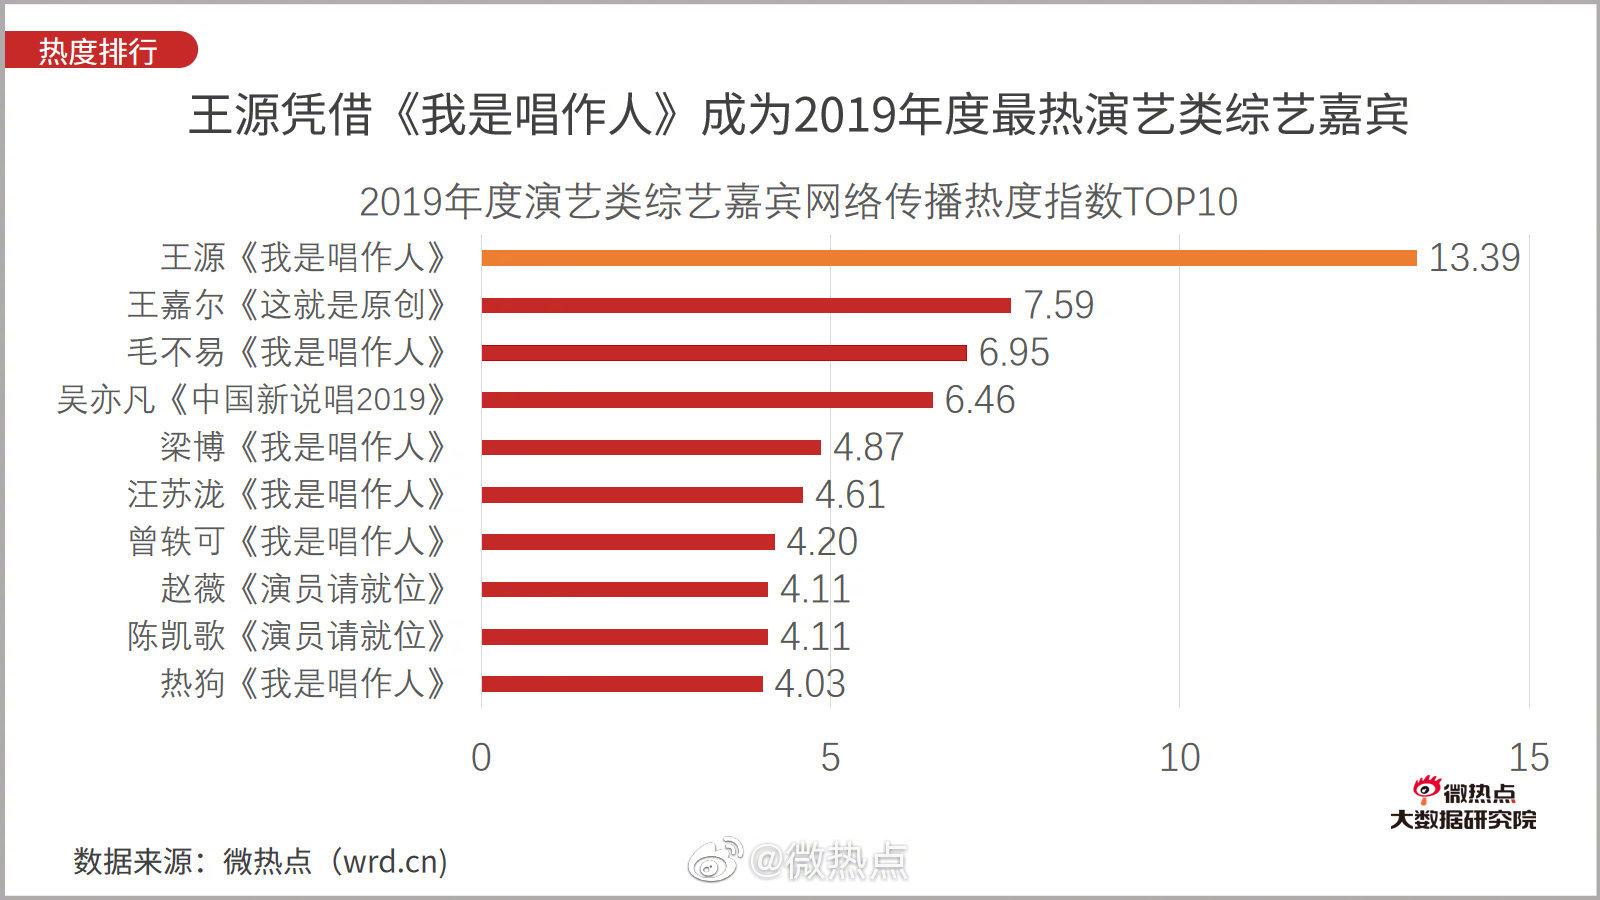 王源凭借《我是唱作人》获得2019年度最热演艺类综艺嘉宾在过去的一年